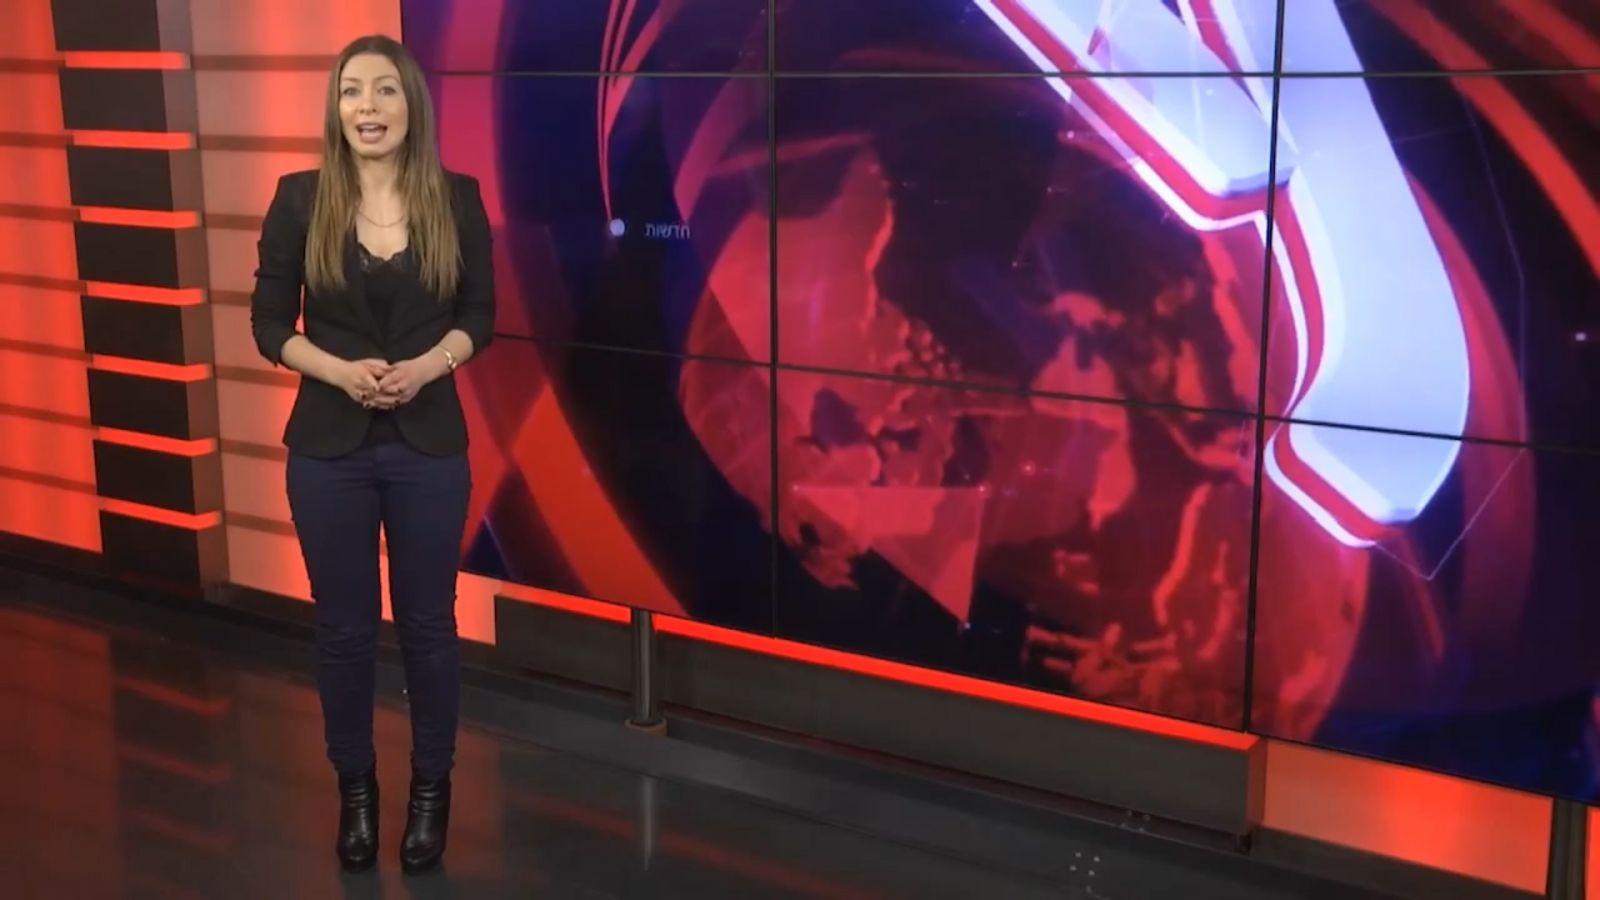 מגישת ynet אלכסנדרה לוקש מגישה לגולשי האתר סרטון תדמית למשרד המדע. אנשי משרד המדע העלו את הסרטון לערוץ הרשמי של המשרד באתר יוטיוב (צילום מסך)